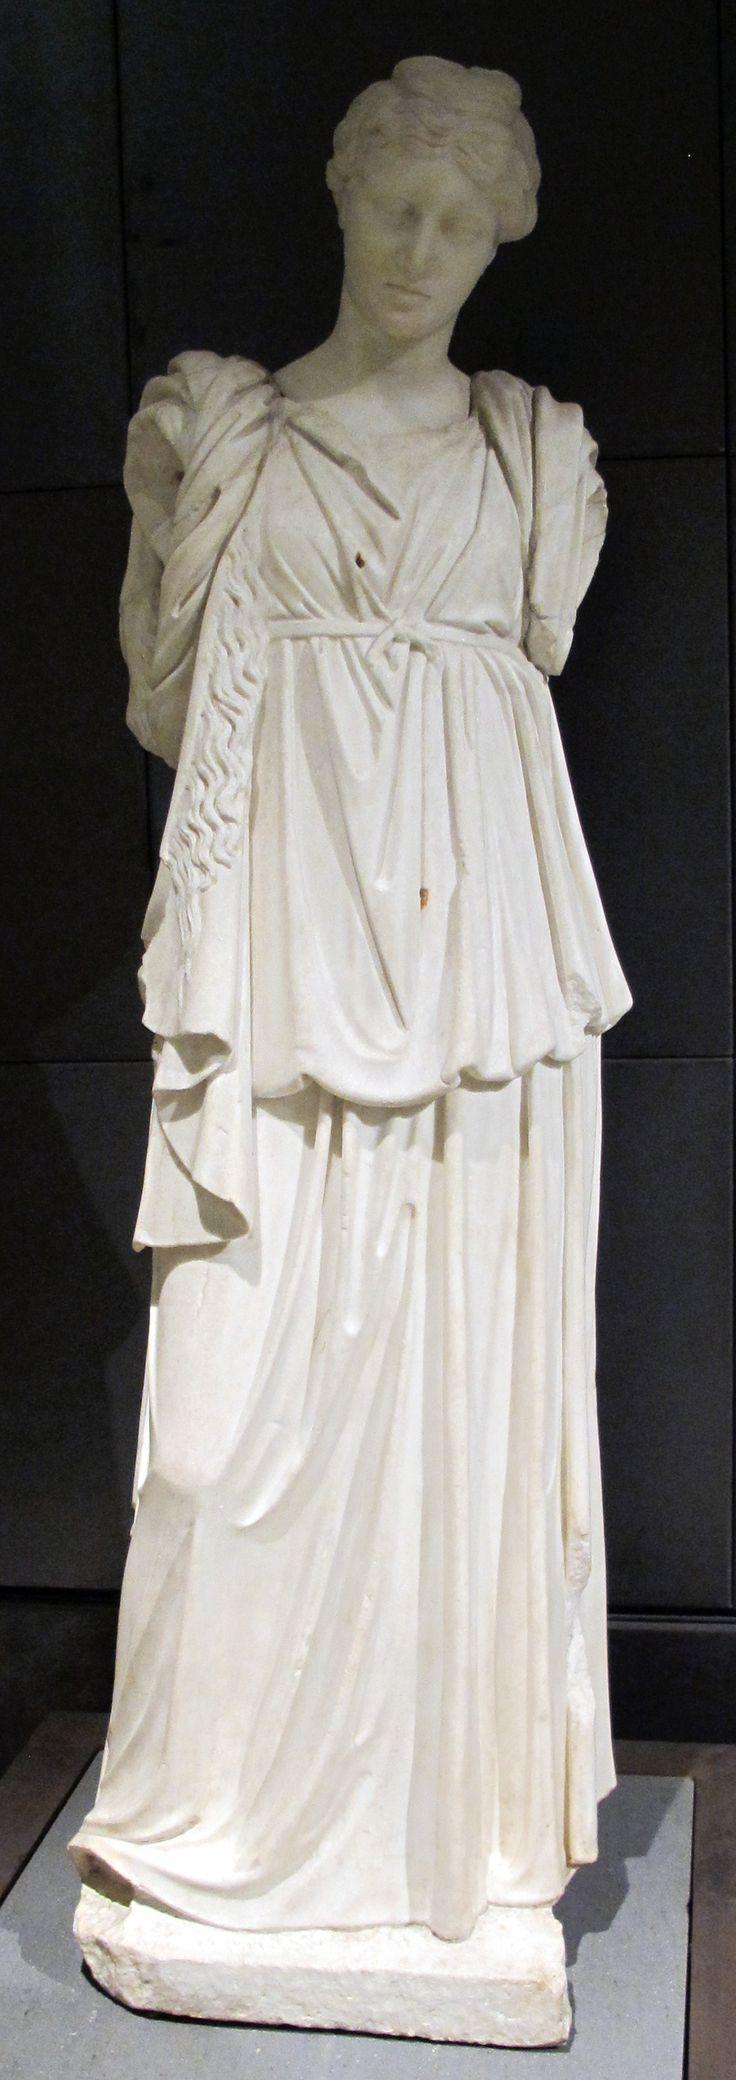 Peplo: abito femminile greco indossato dalle donne prima del 500 a.C.